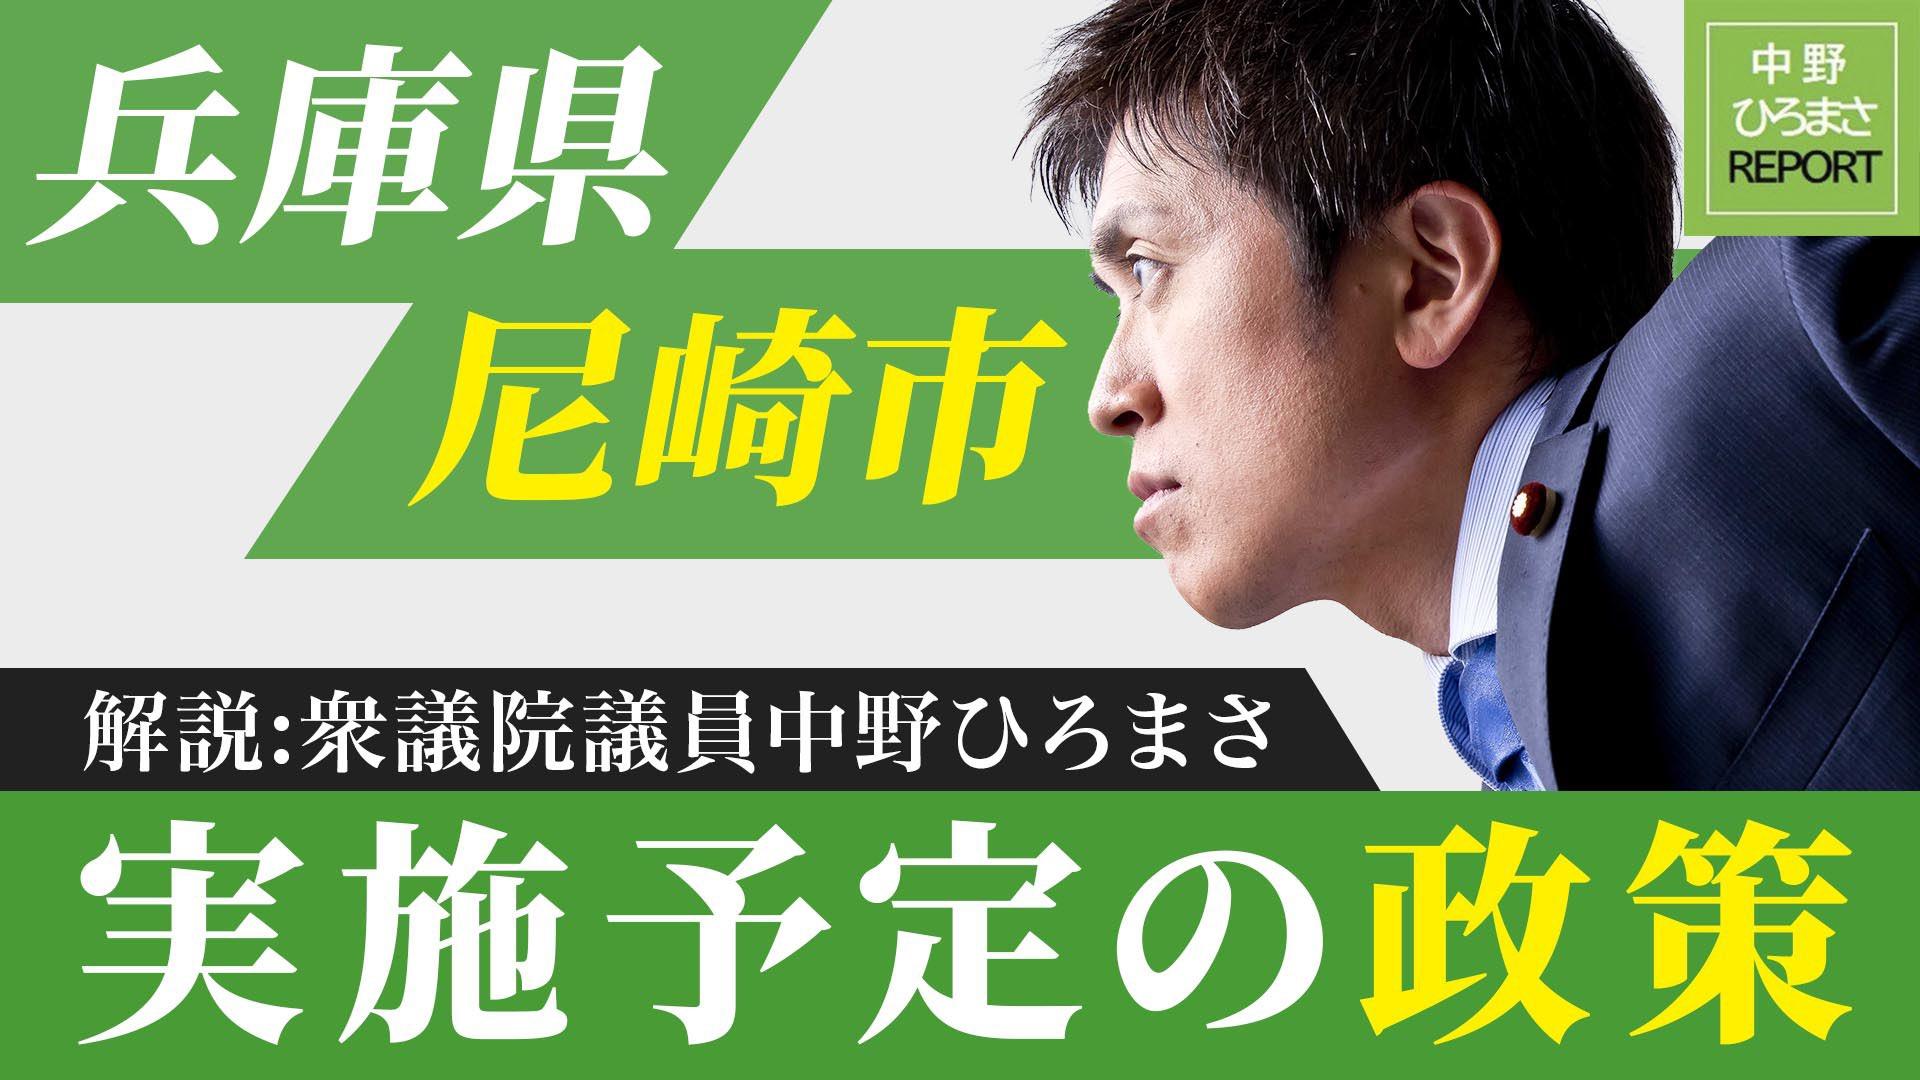 兵庫県、尼崎市で実施予定の政策